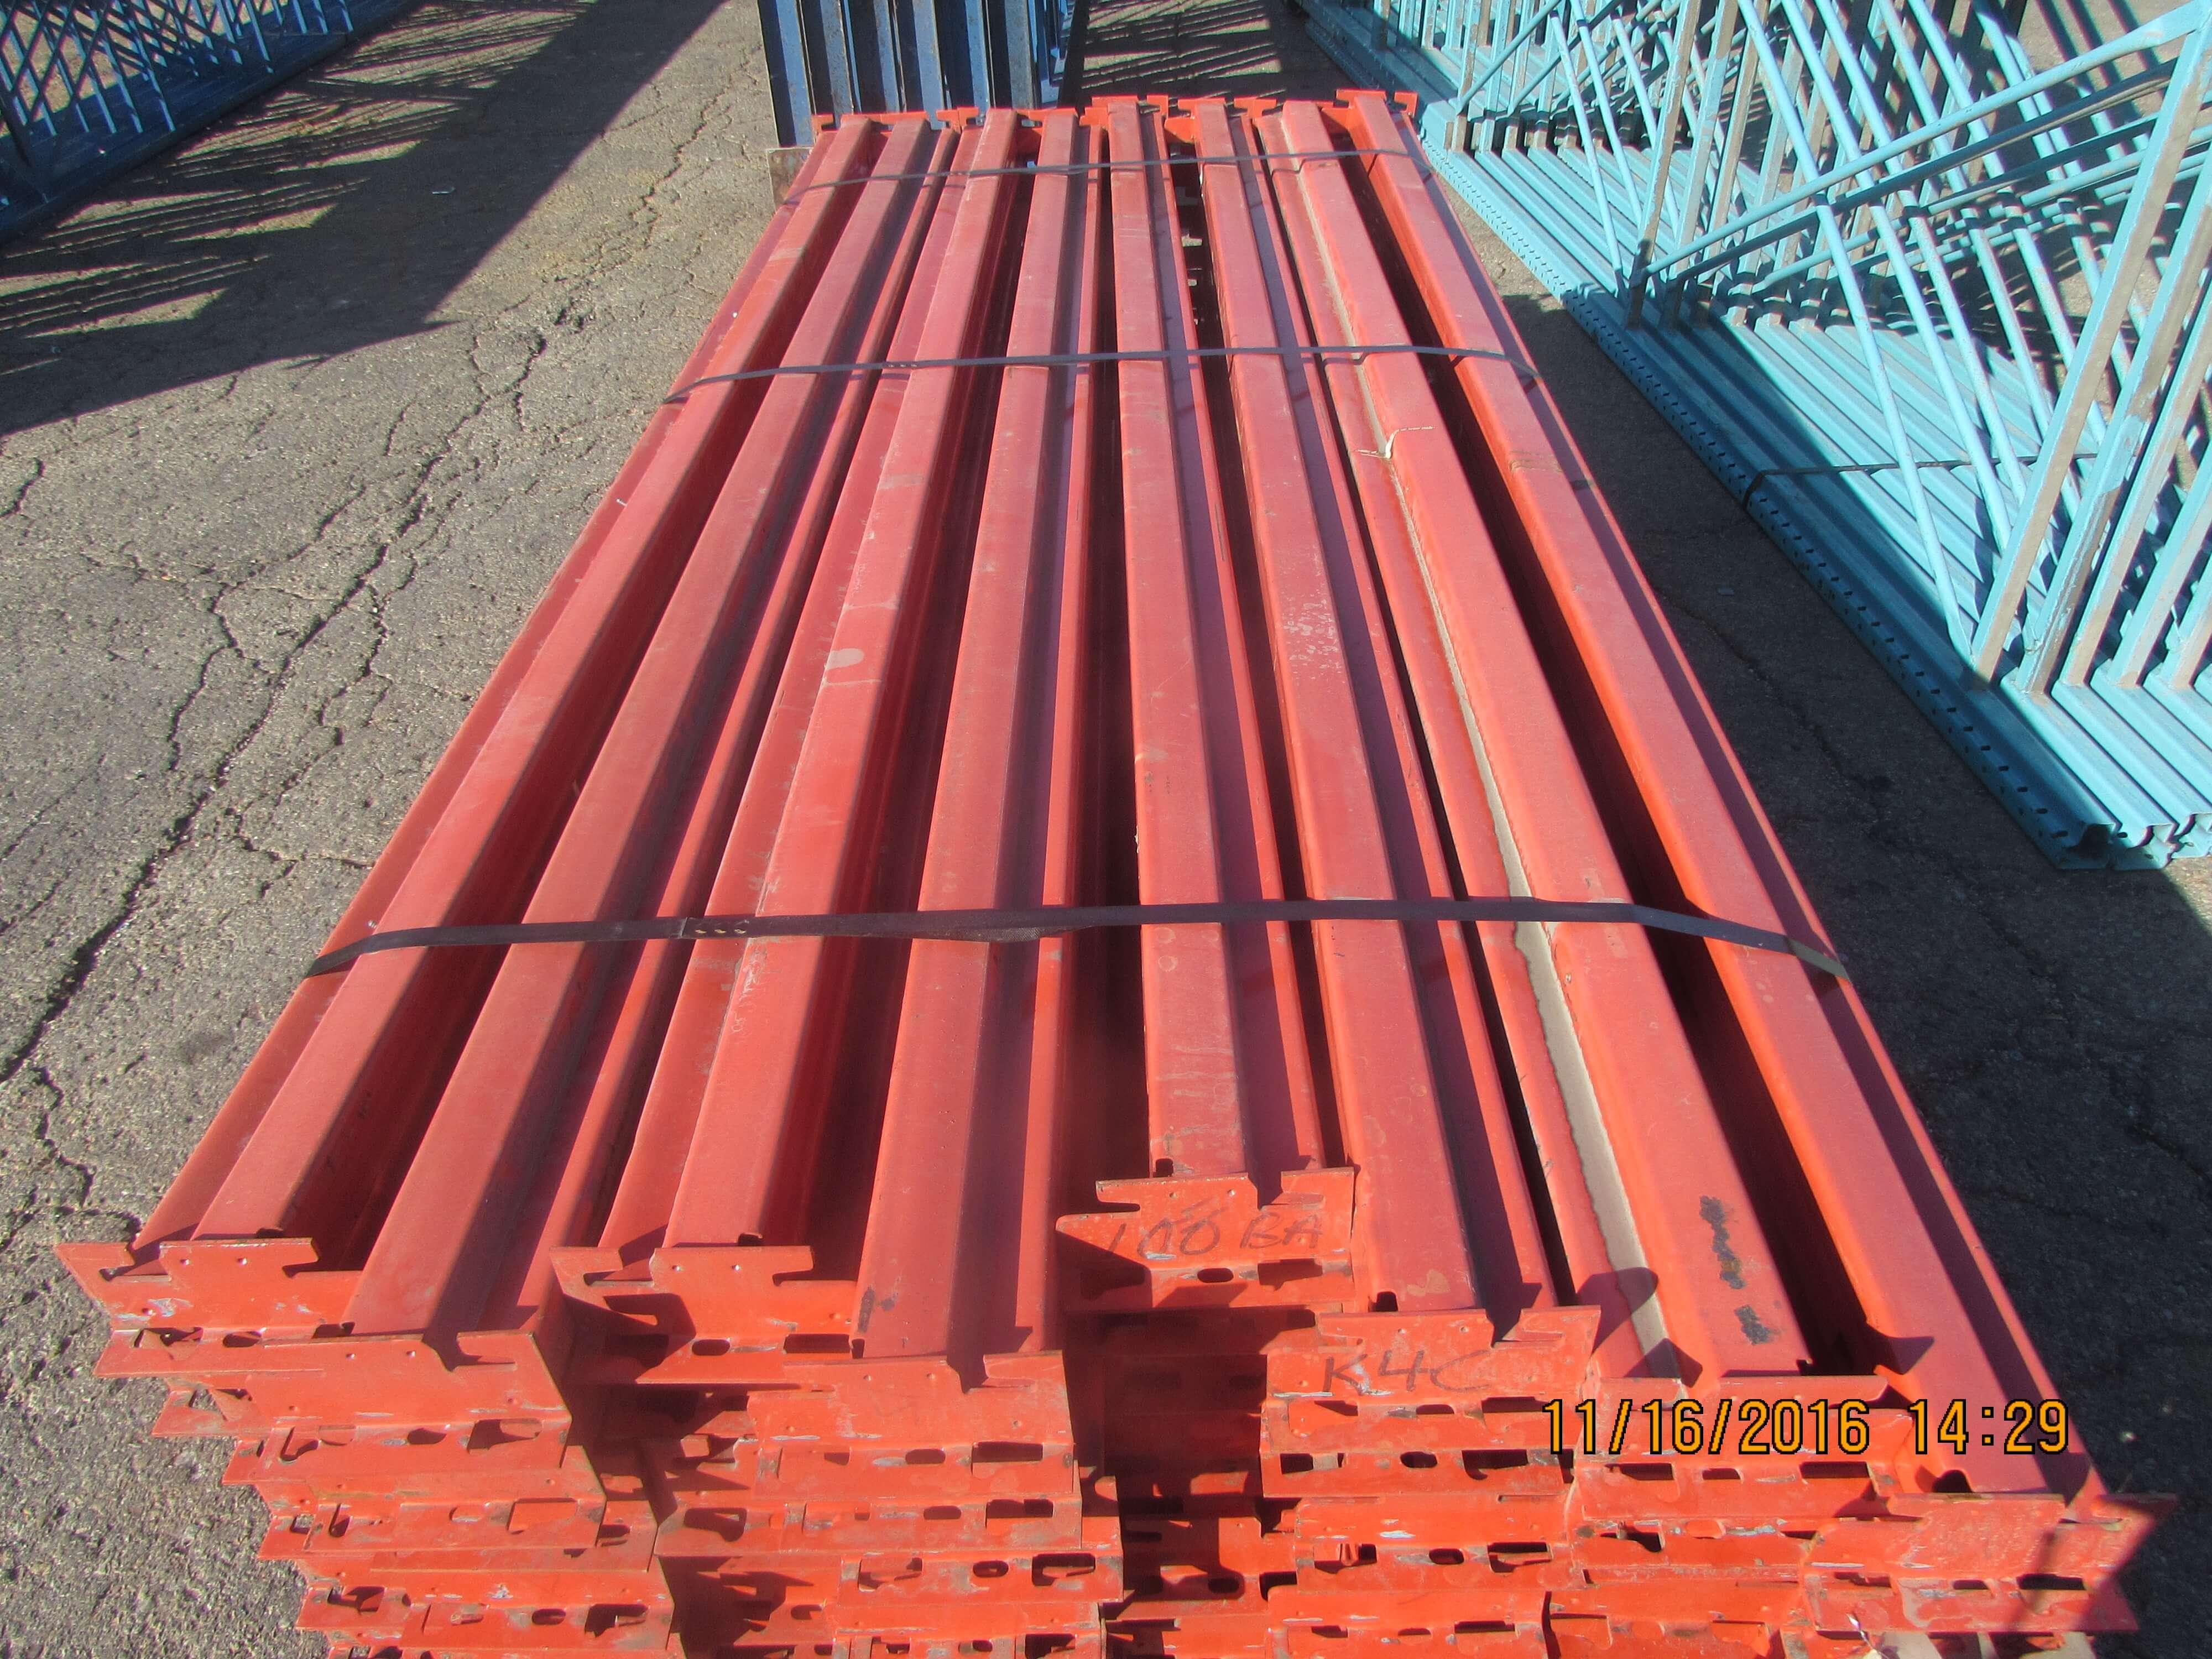 used pallet rack speedrack beams